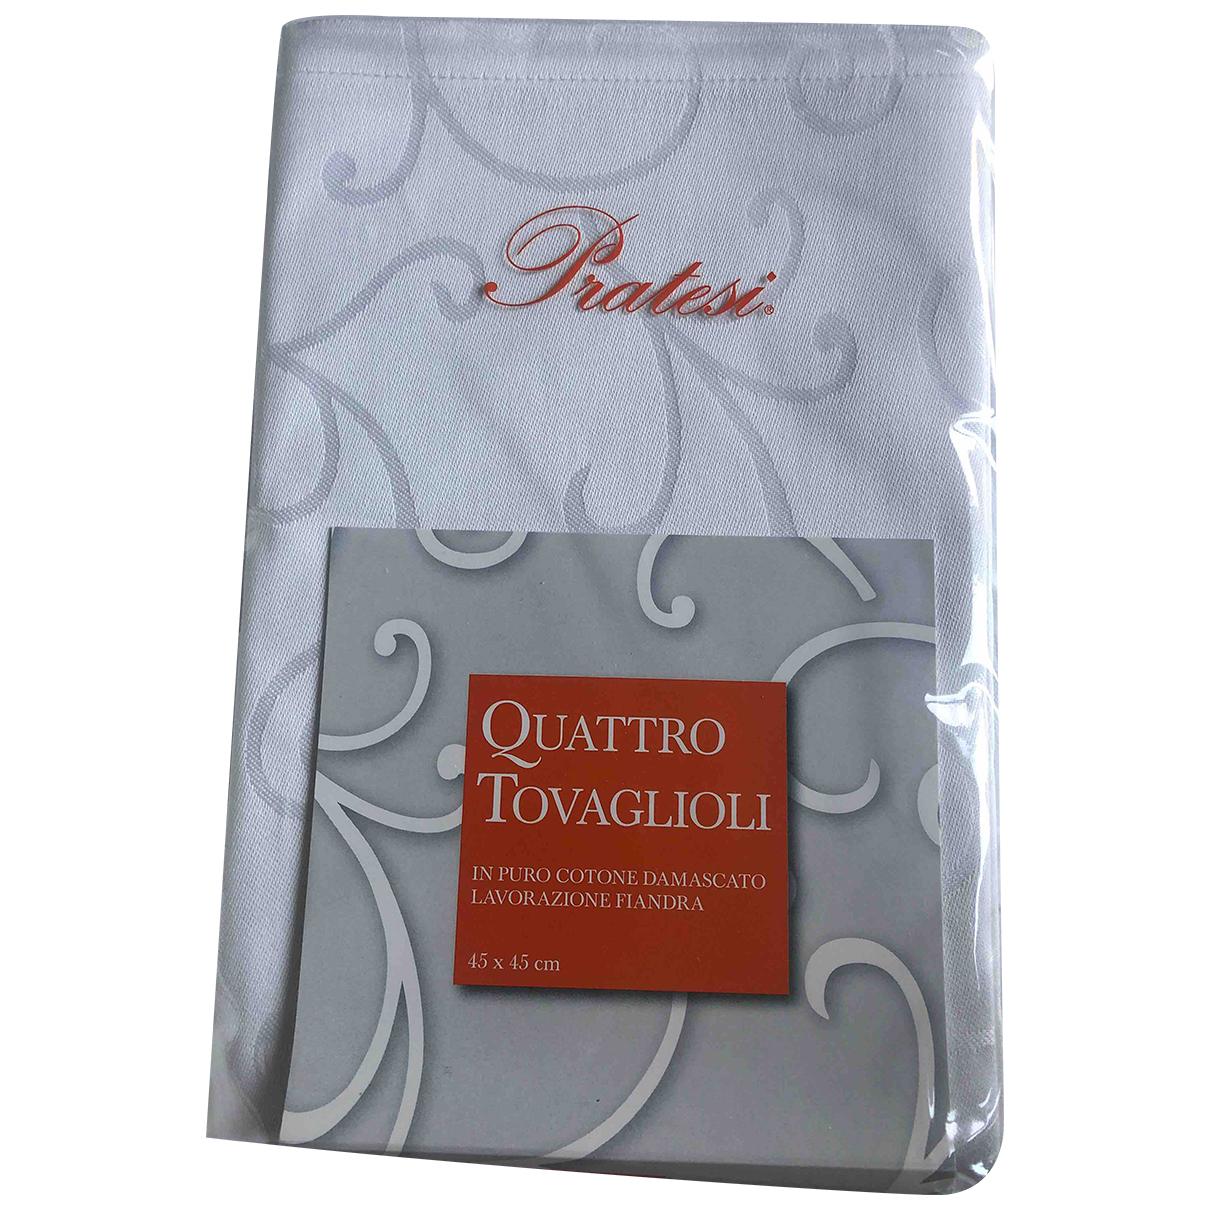 Pratesi Pelletterie N White Cotton Textiles for Life & Living N